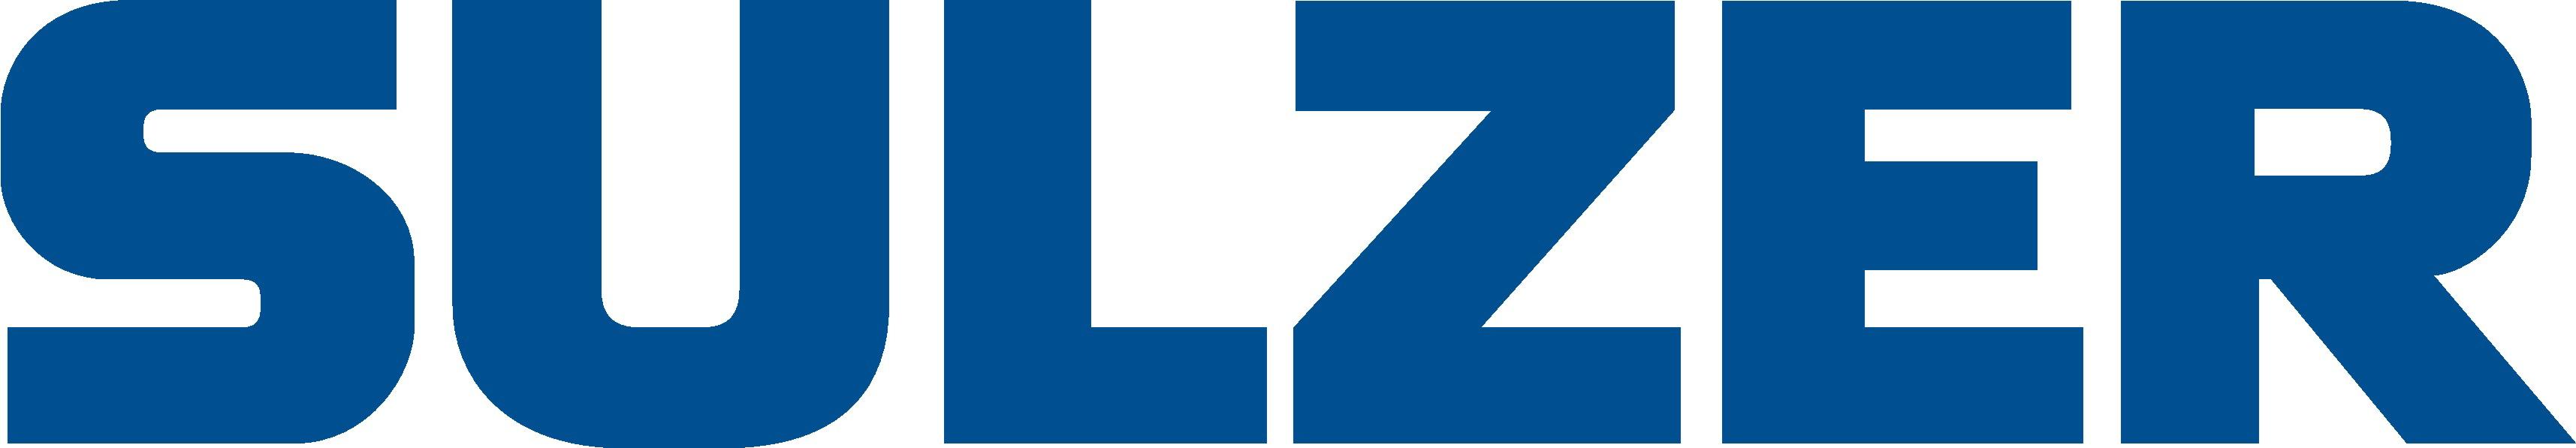 Sulzer blue large